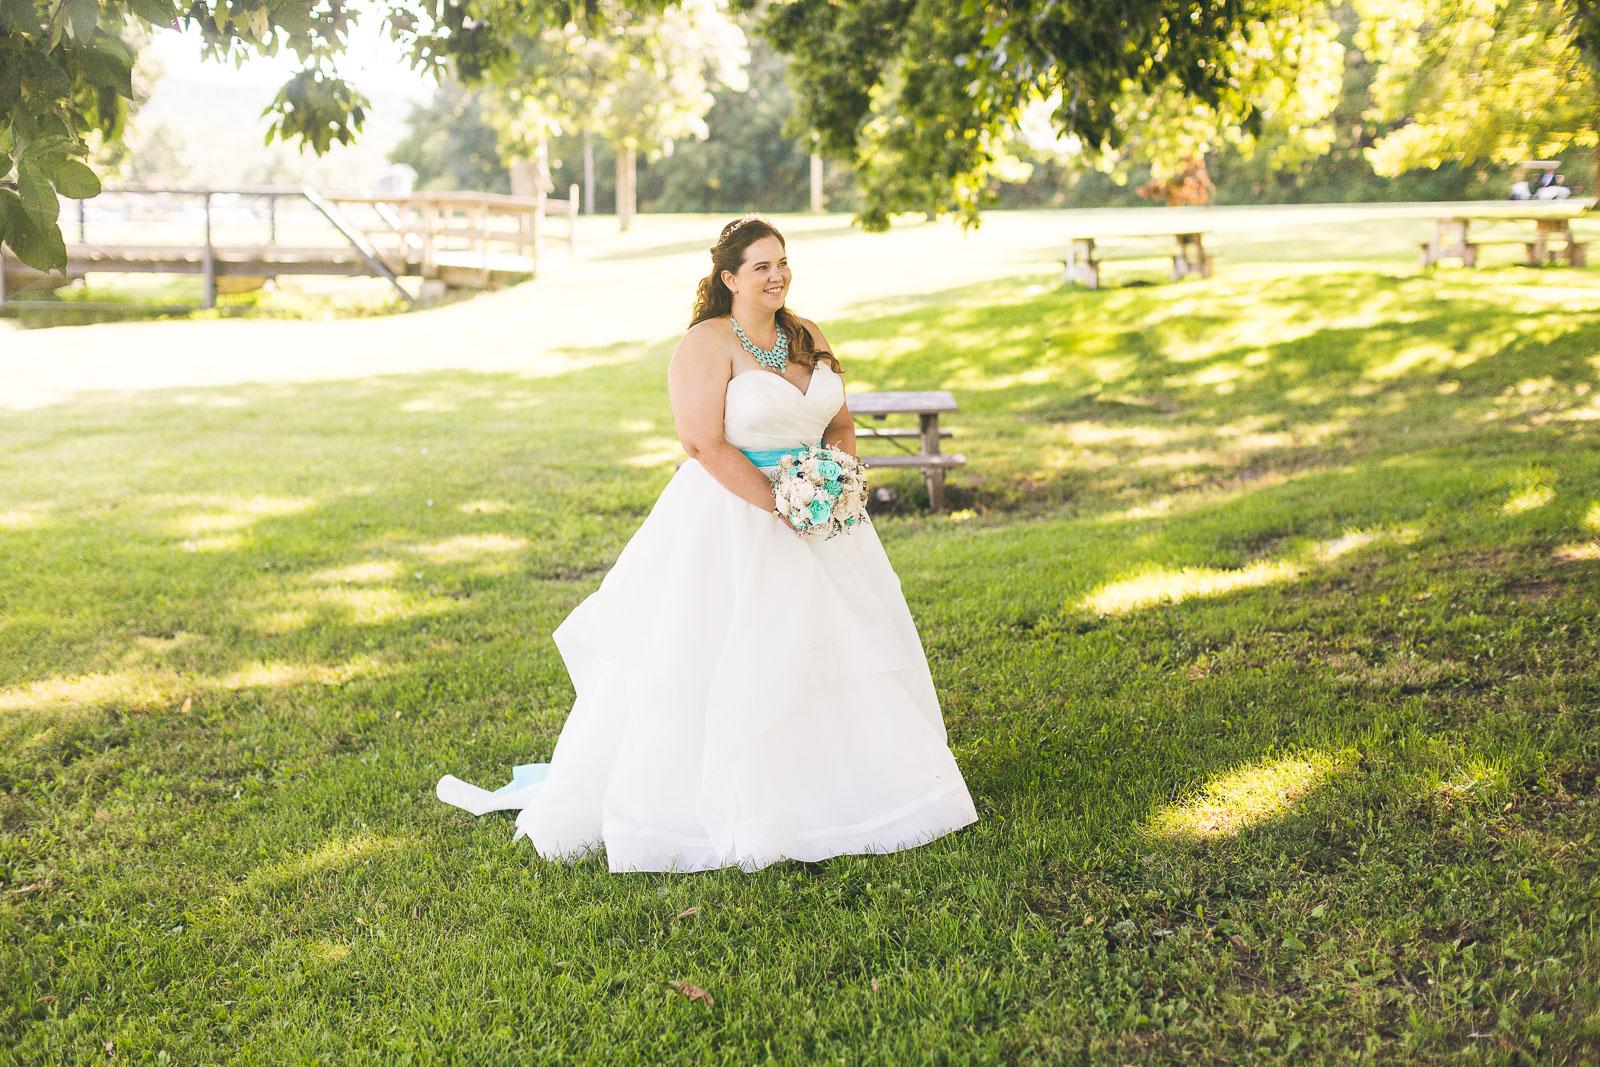 Bride waiting to see groom